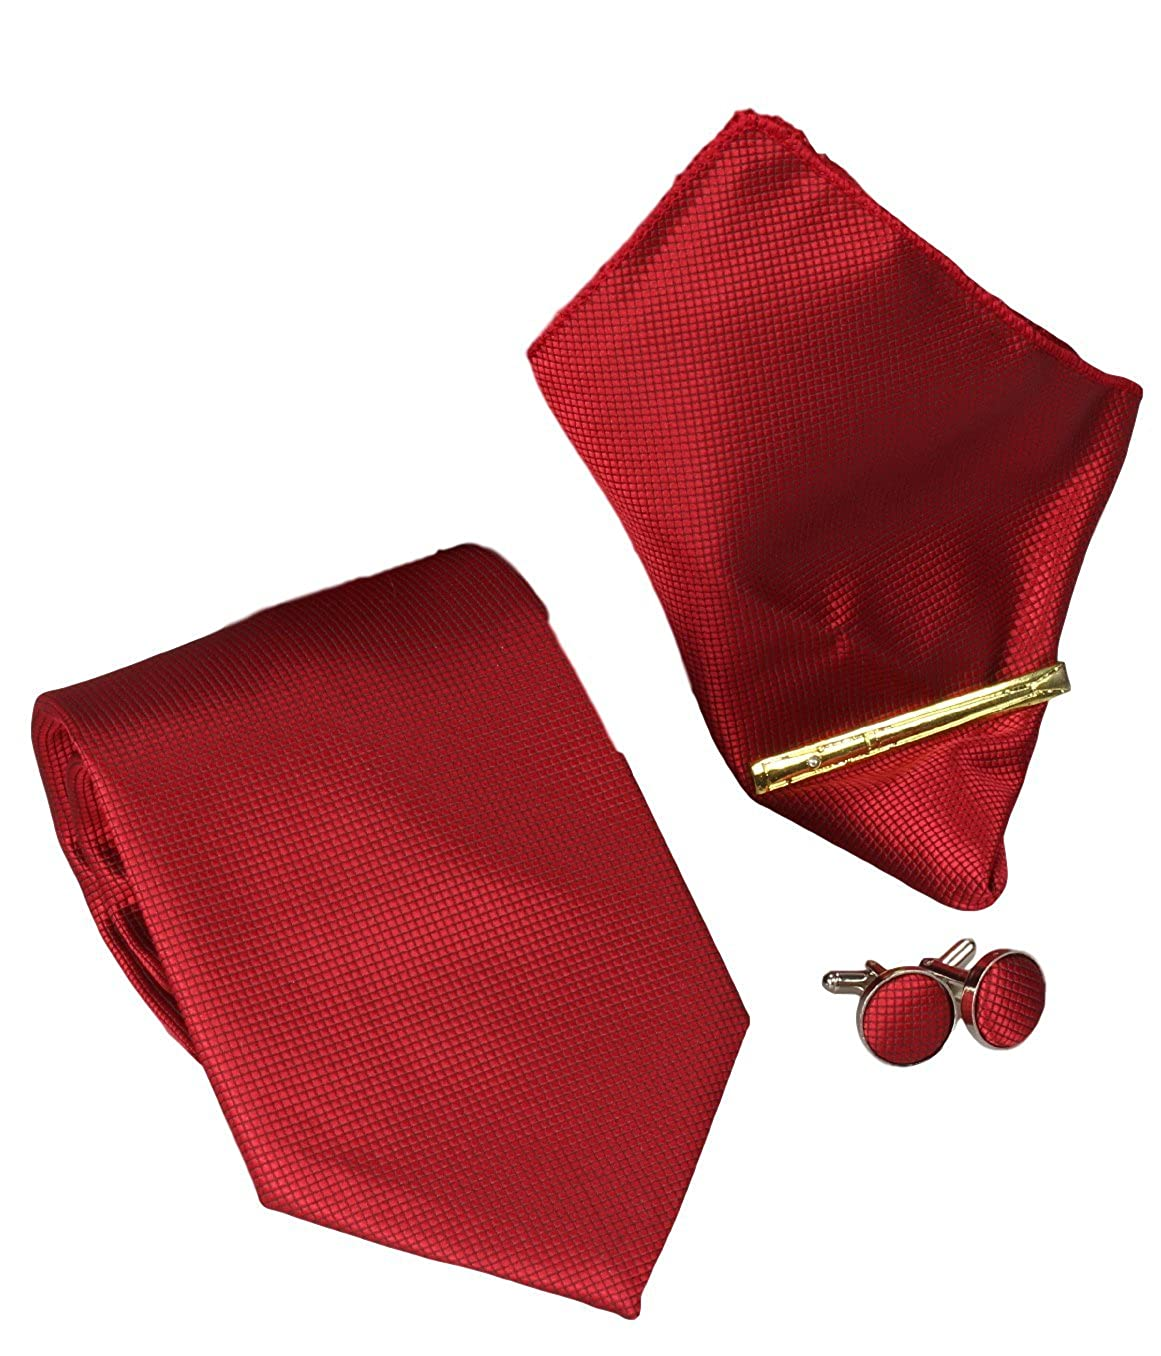 Alfiler de corbata Gemelos Corbatas Set 4 8,5cm Corbata Pa/ñuelo